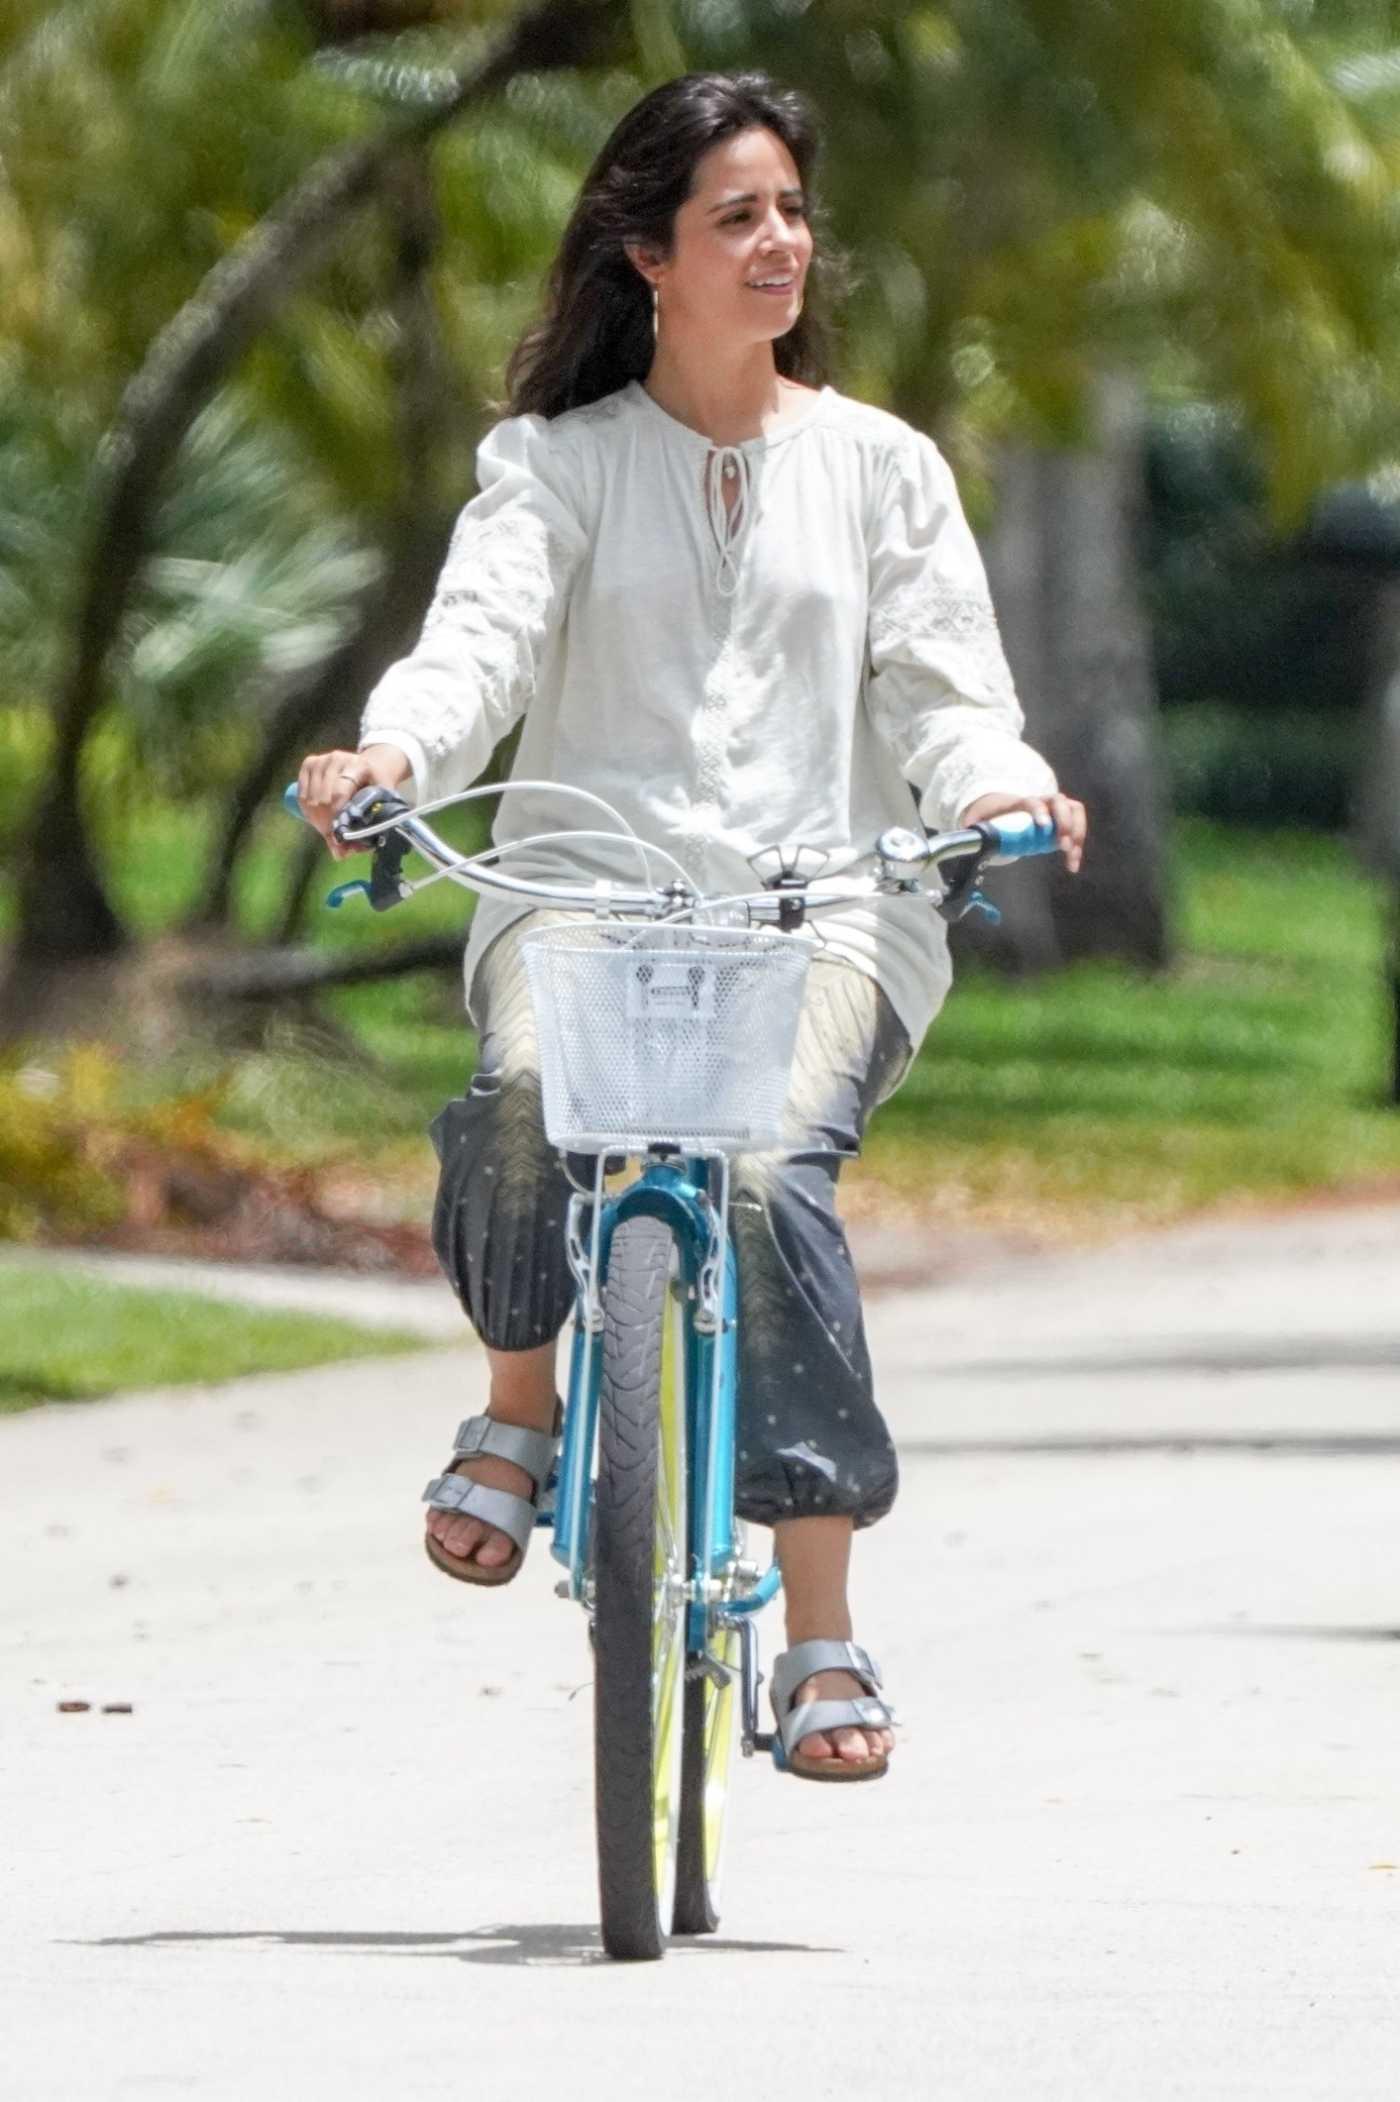 Camila Cabello in a White Blouse Does a Bike Ride in Miami 04/28/2021